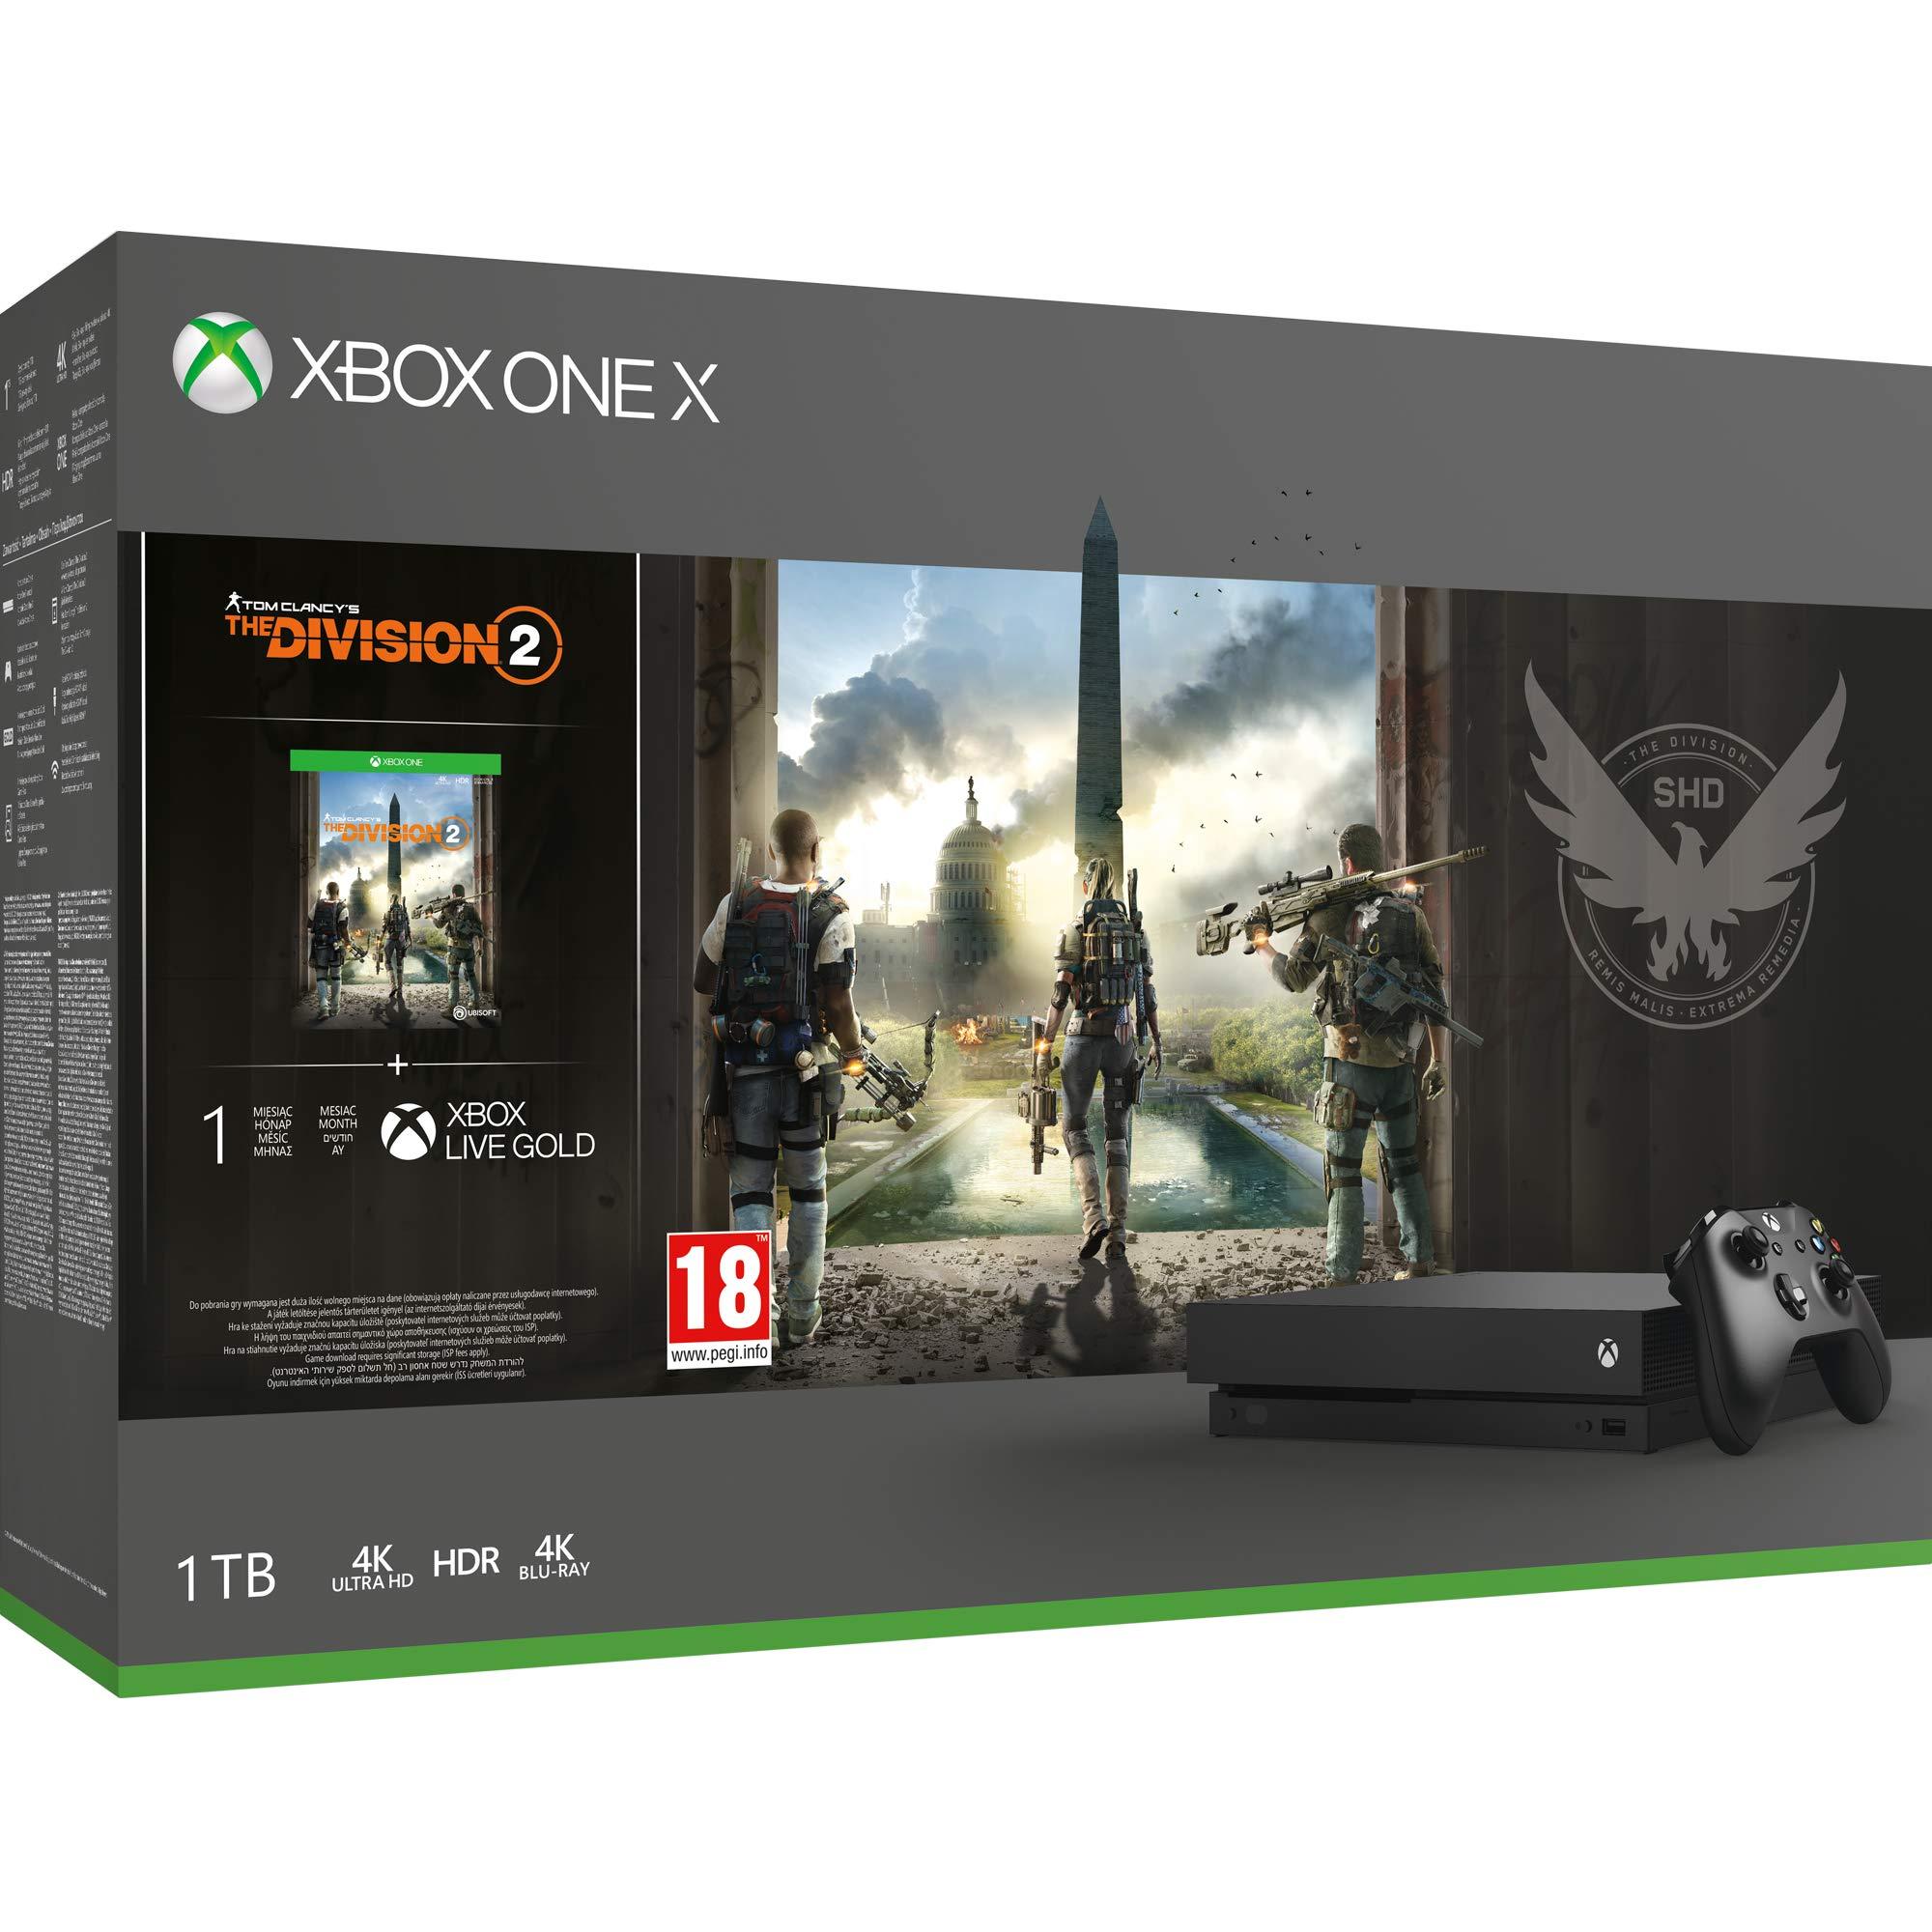 Microsoft Xbox One X – Consola 1 TB + División 2